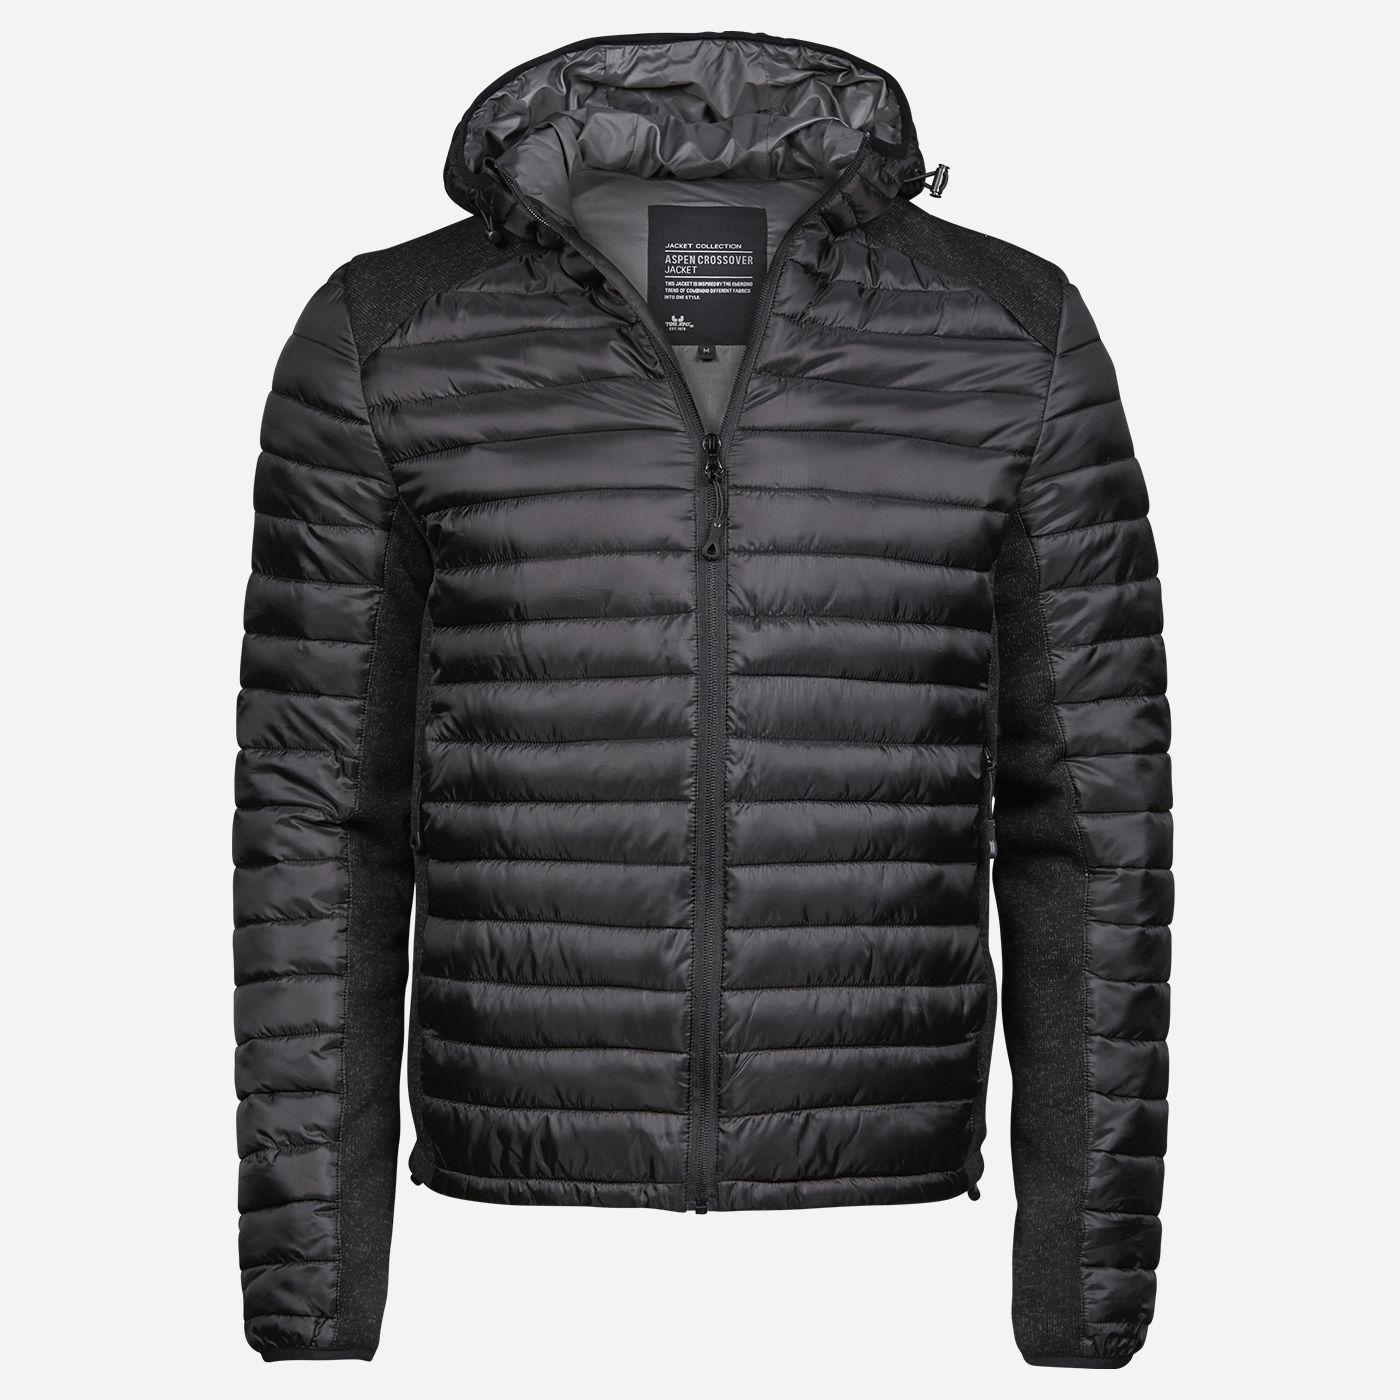 Tee Jays Čierna kombinovaná bunda Veľkosť: S